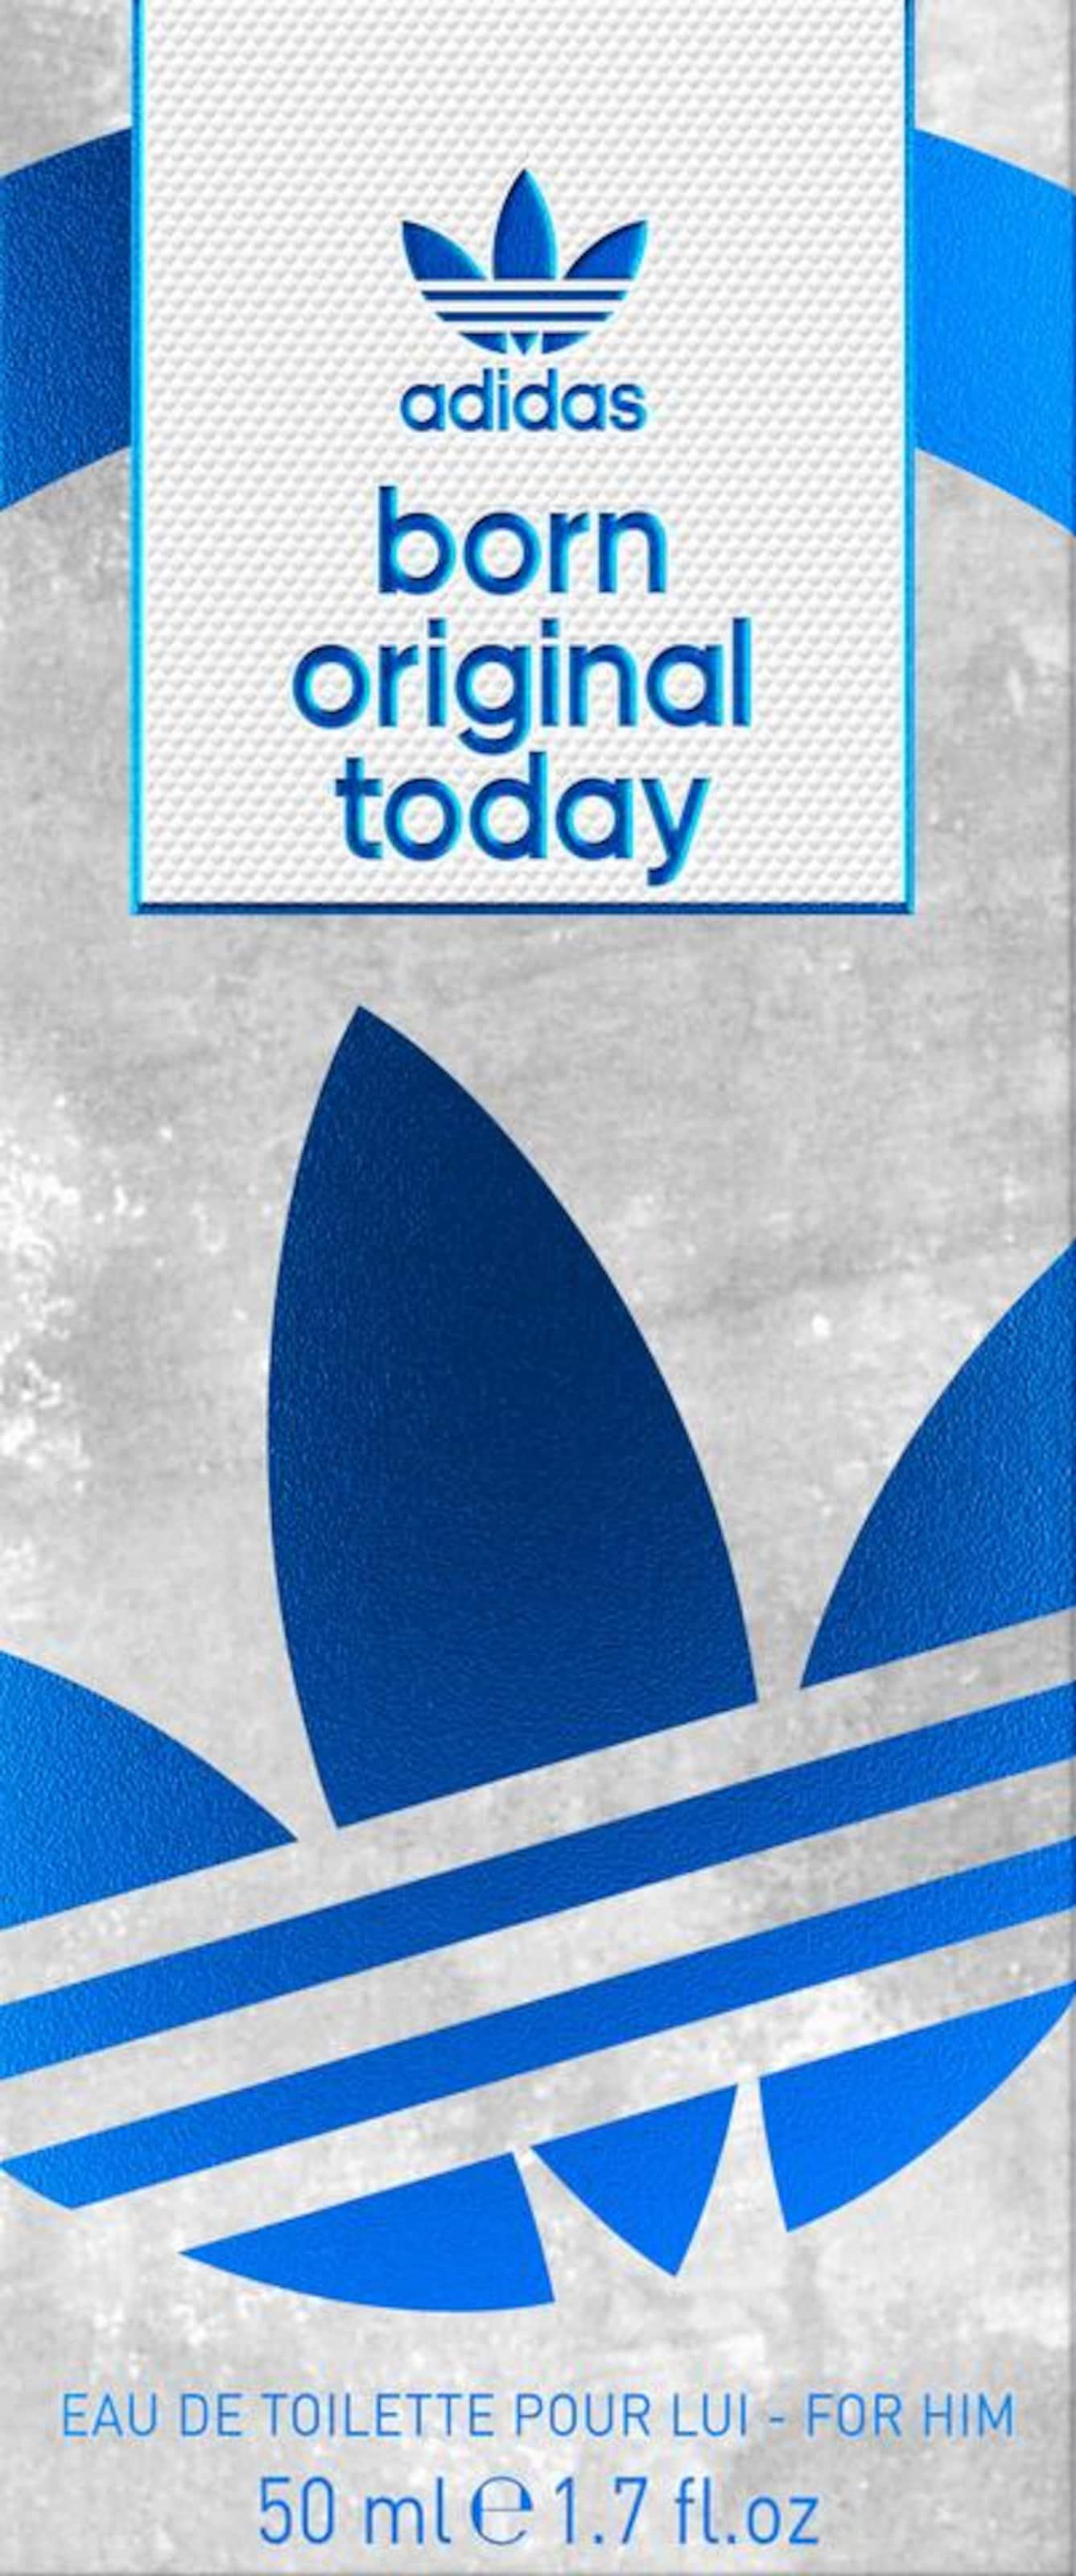 Adidas Originals De Eau Silber Him' Toilette 'born In BlauAqua Original Today For lJFK1c